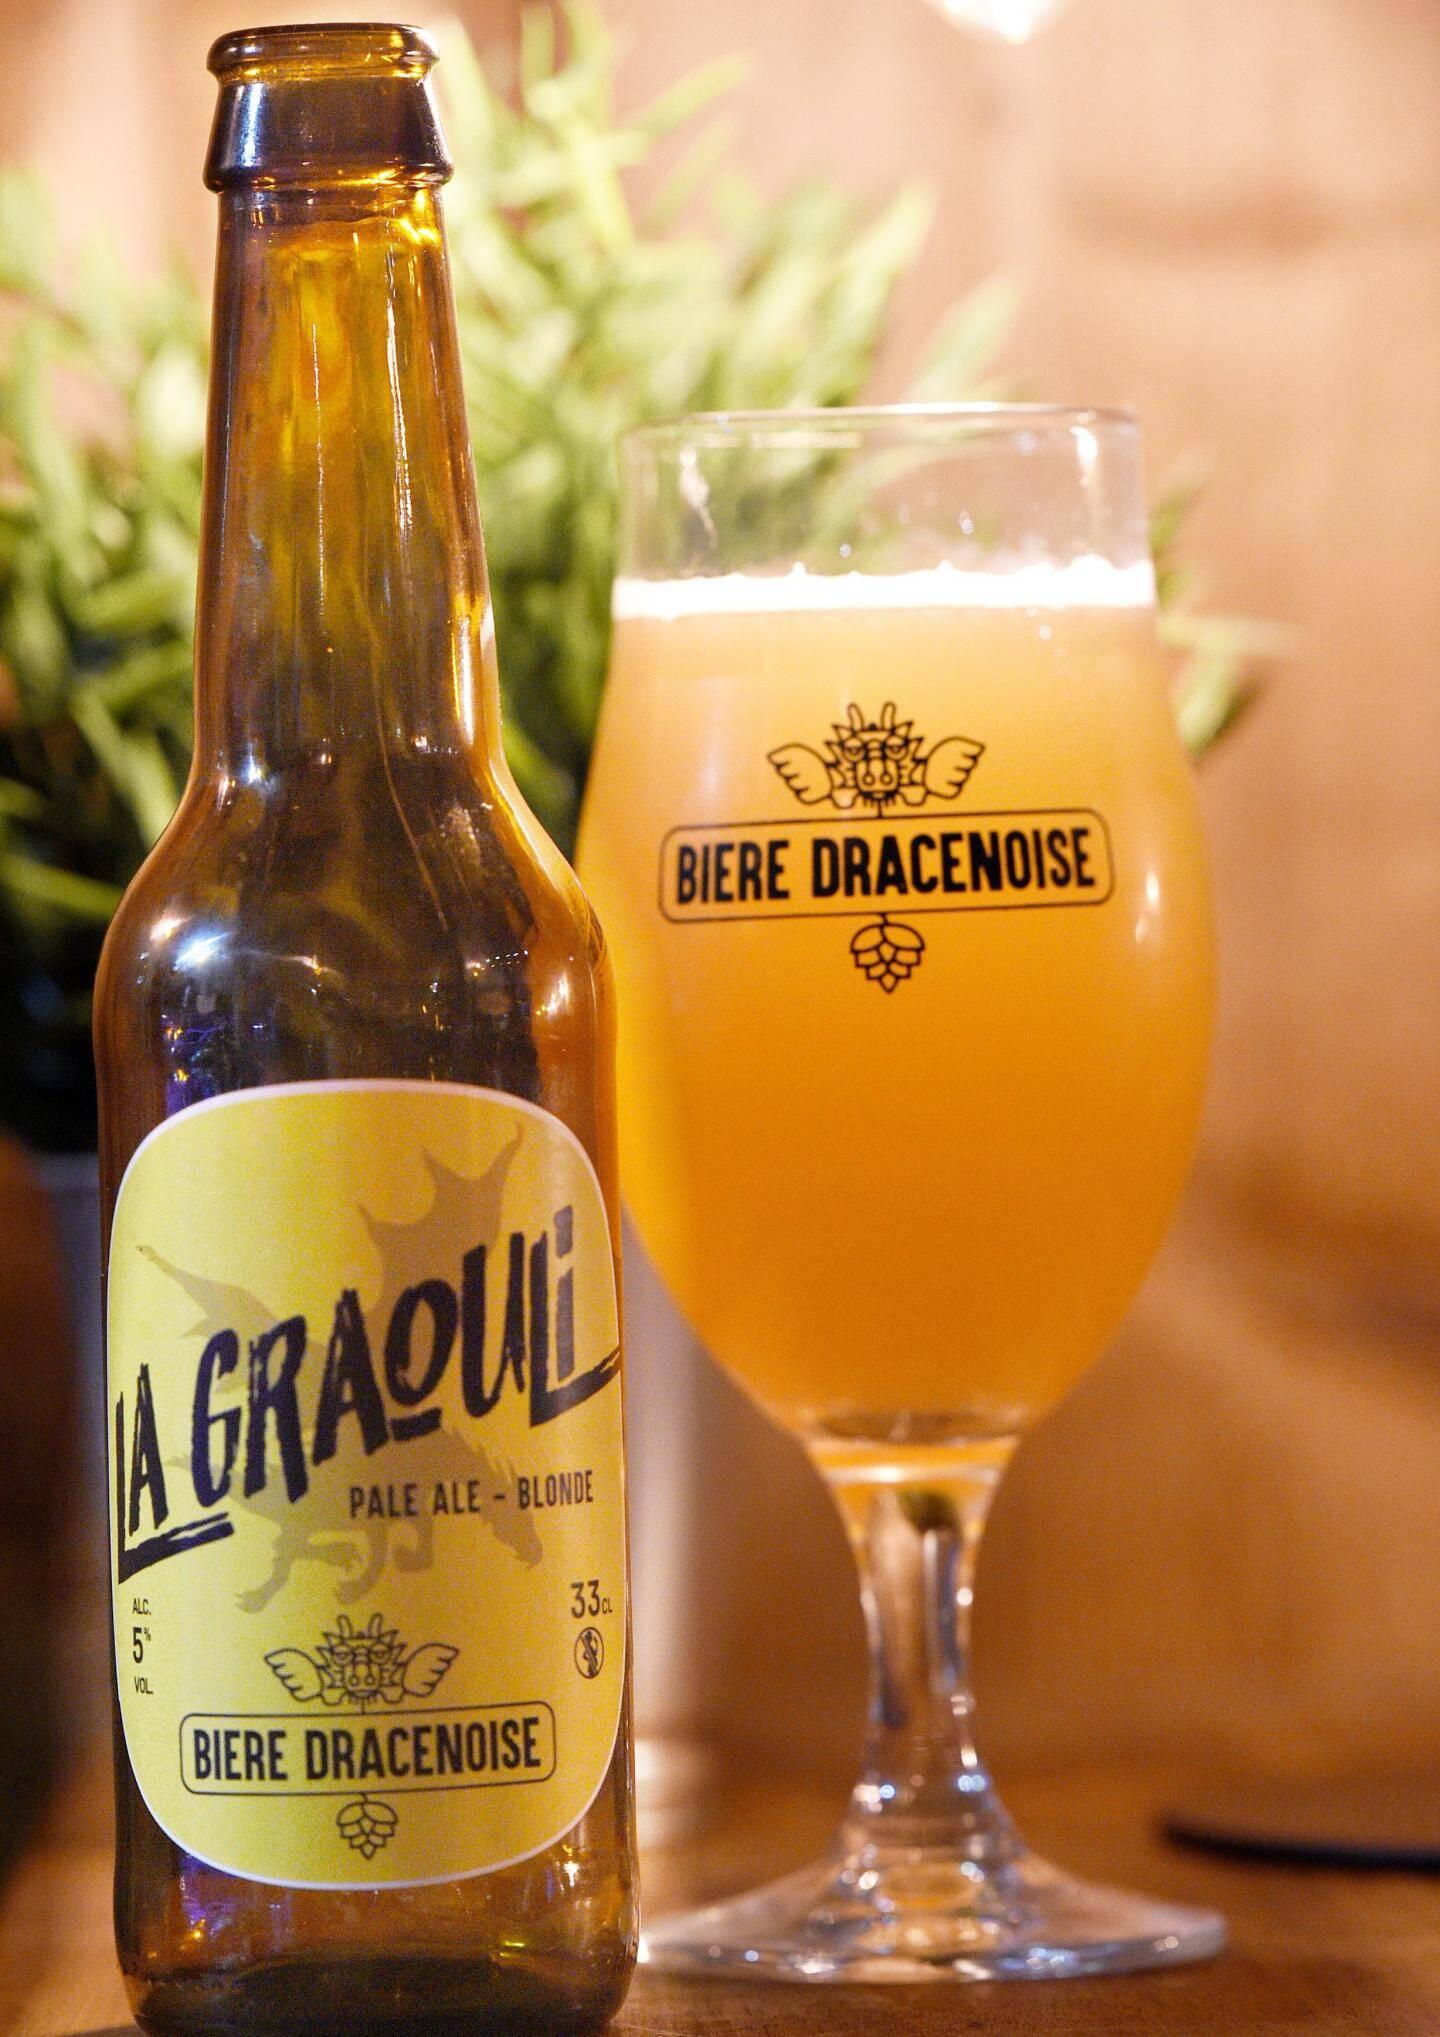 La Graouli, une bière 100% dracénoise.